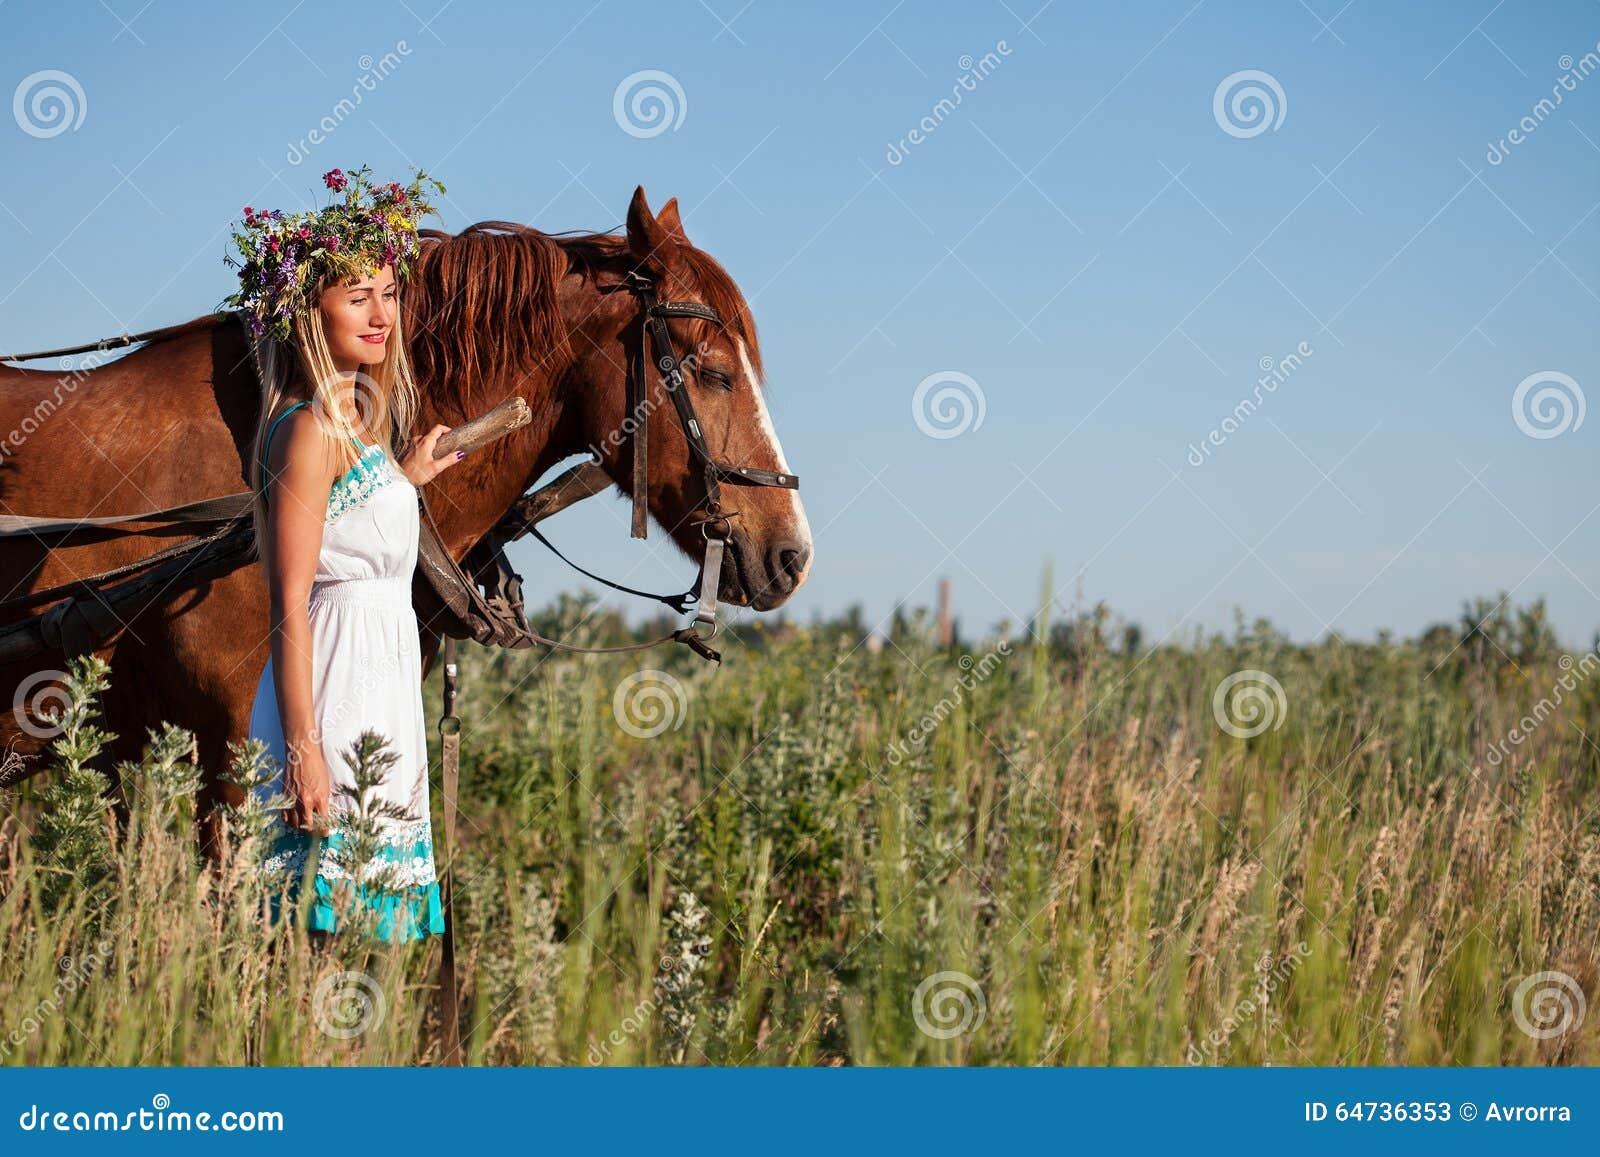 Hübsches Mädchen mit Wildflowers auf dem Pferdewagen am Sommertag